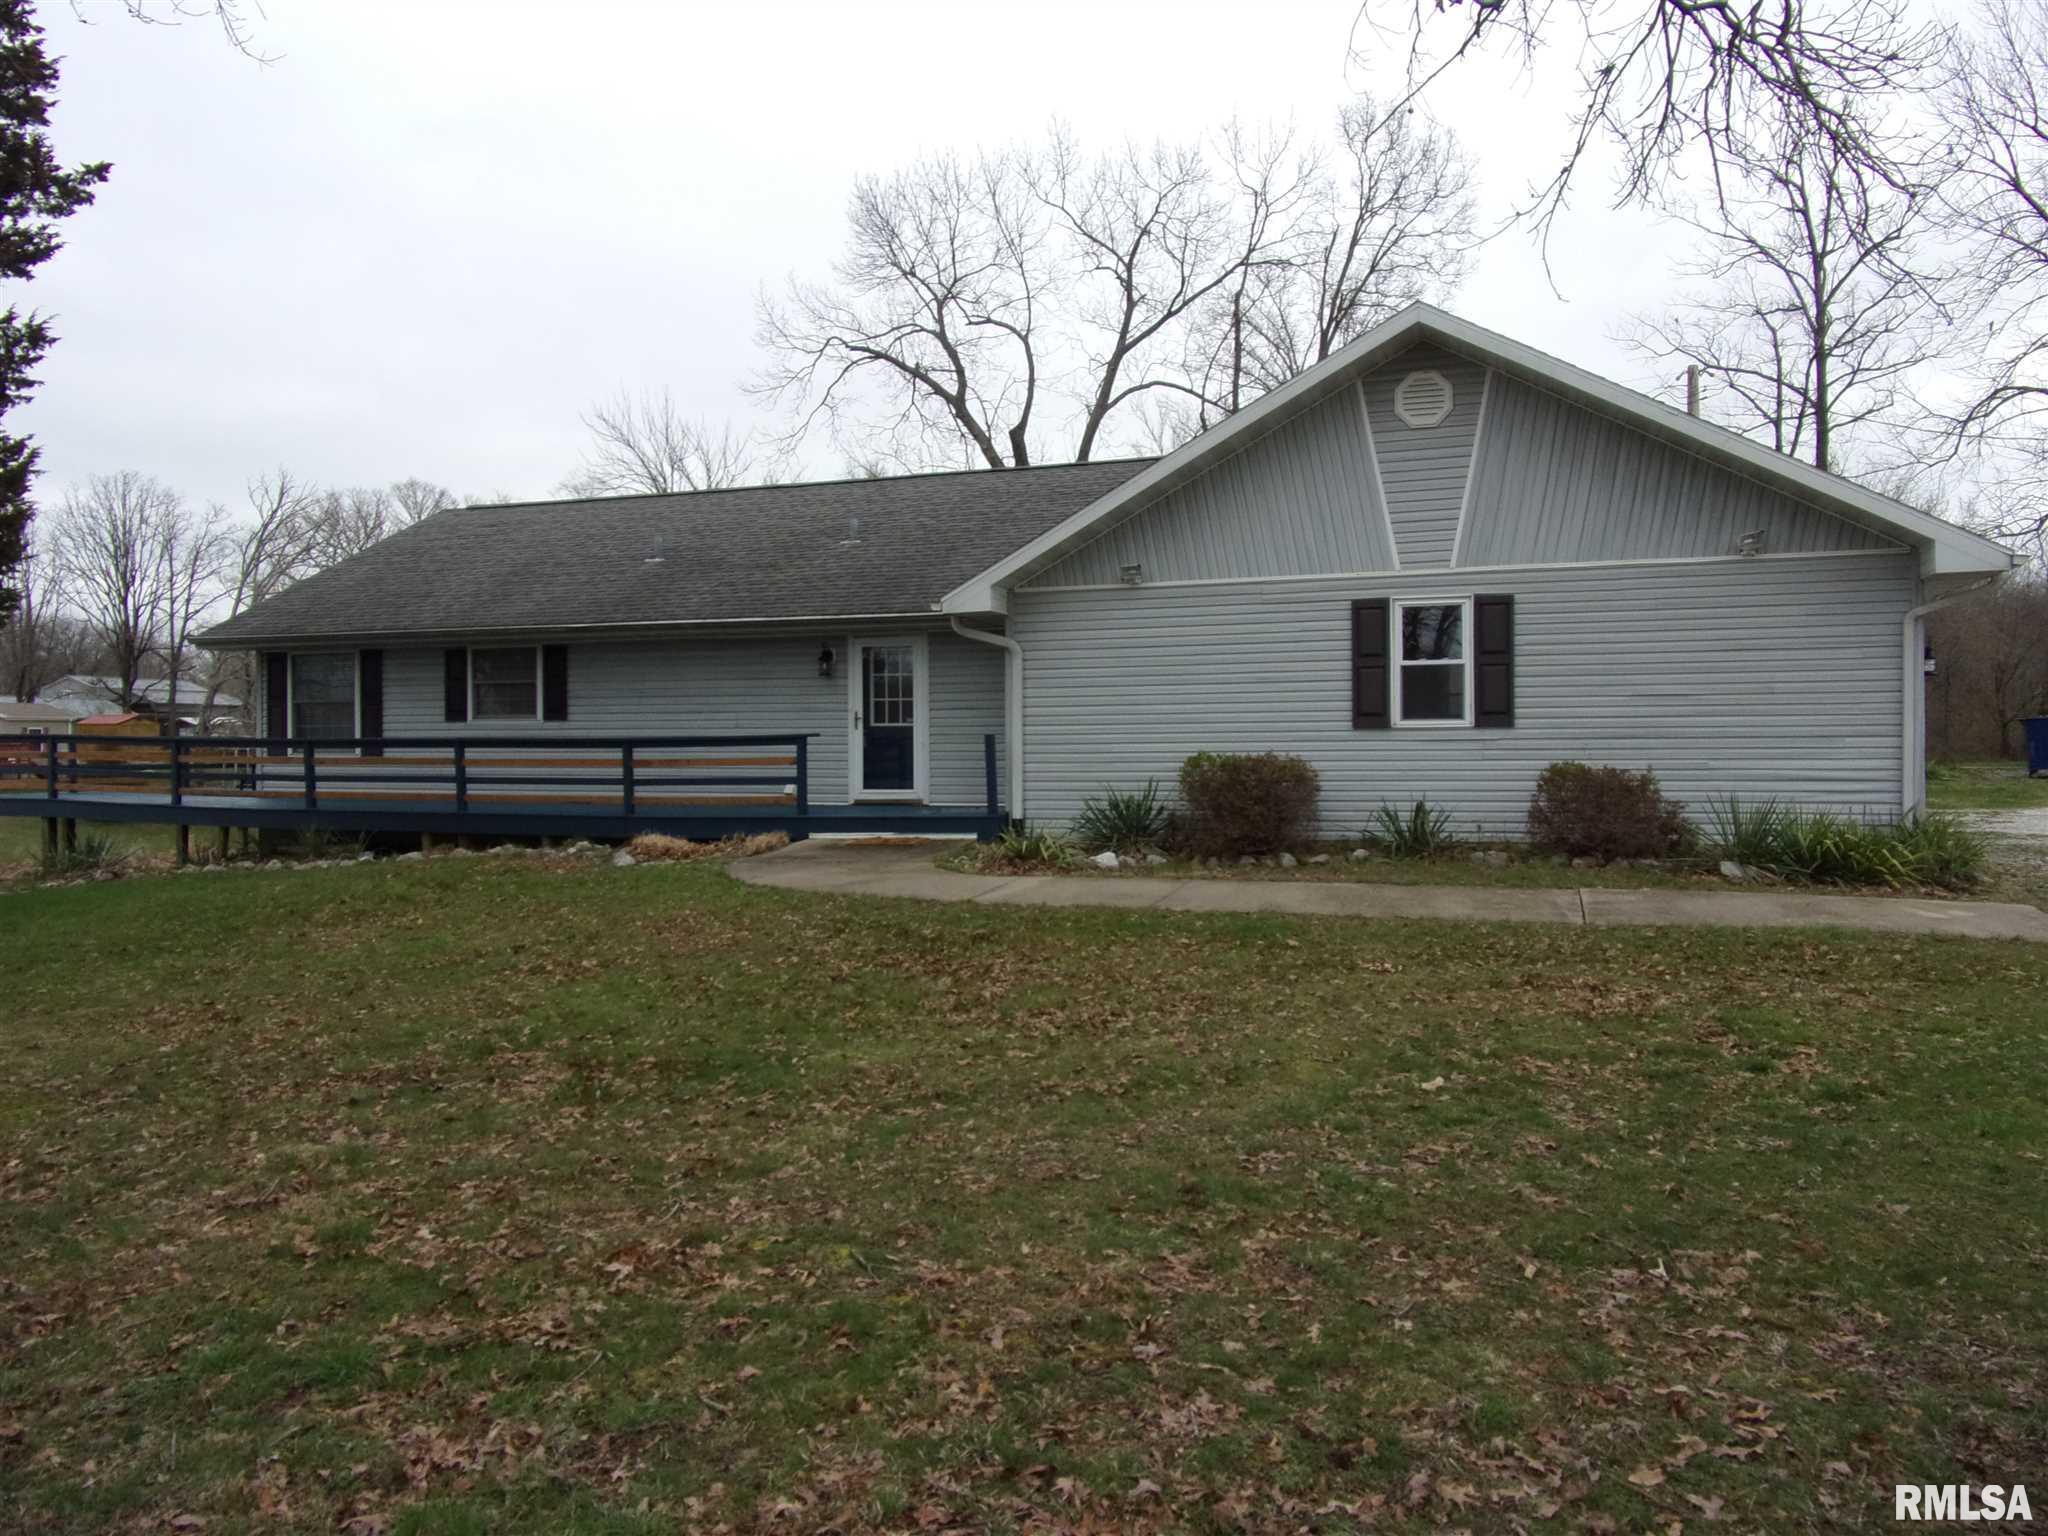 2245 Rainier Property Photo - Centralia, IL real estate listing